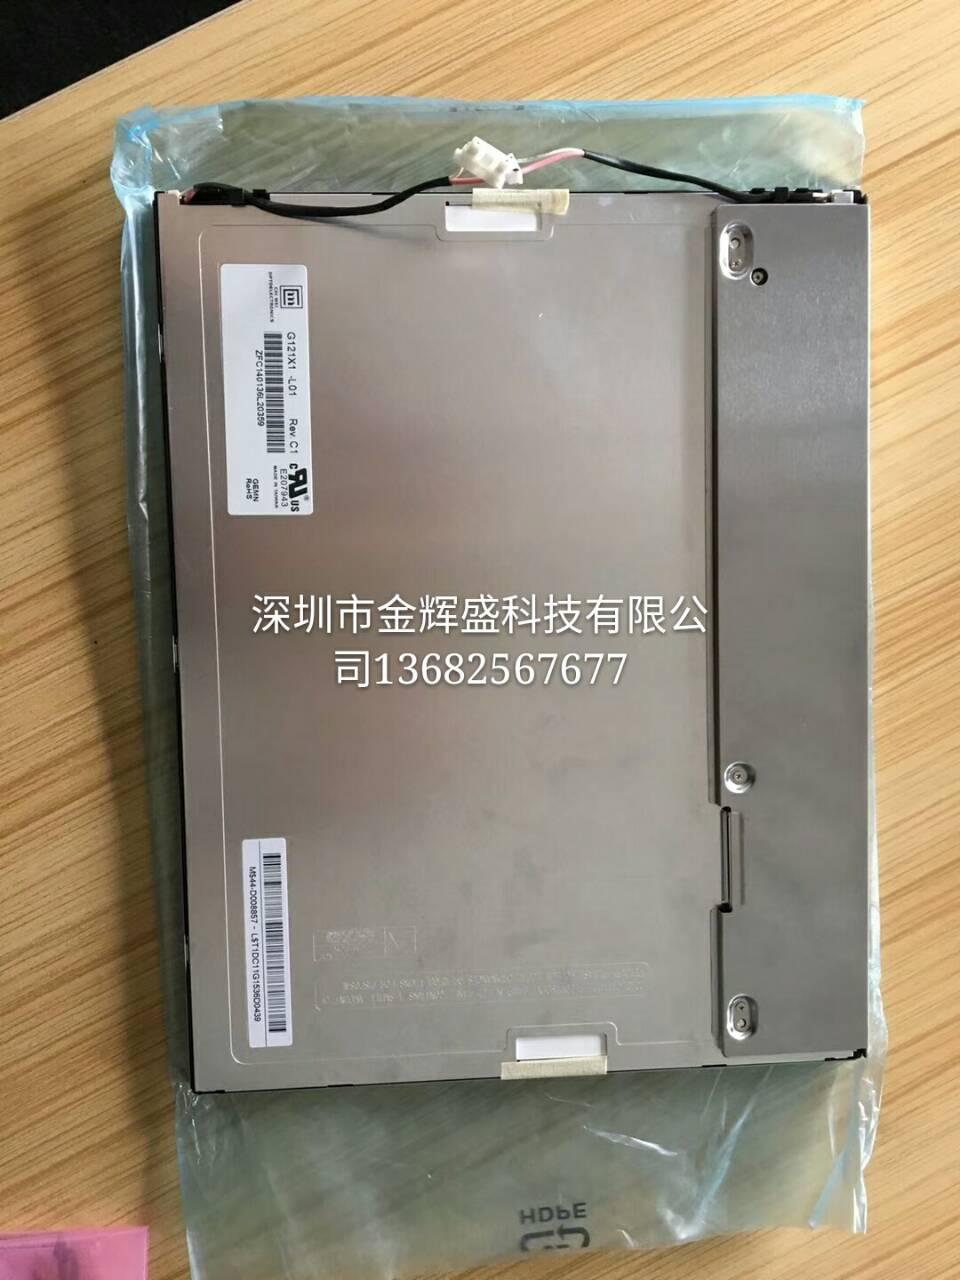 奇美12.1寸工业屏-金辉盛科技专业供应奇美系列液晶屏